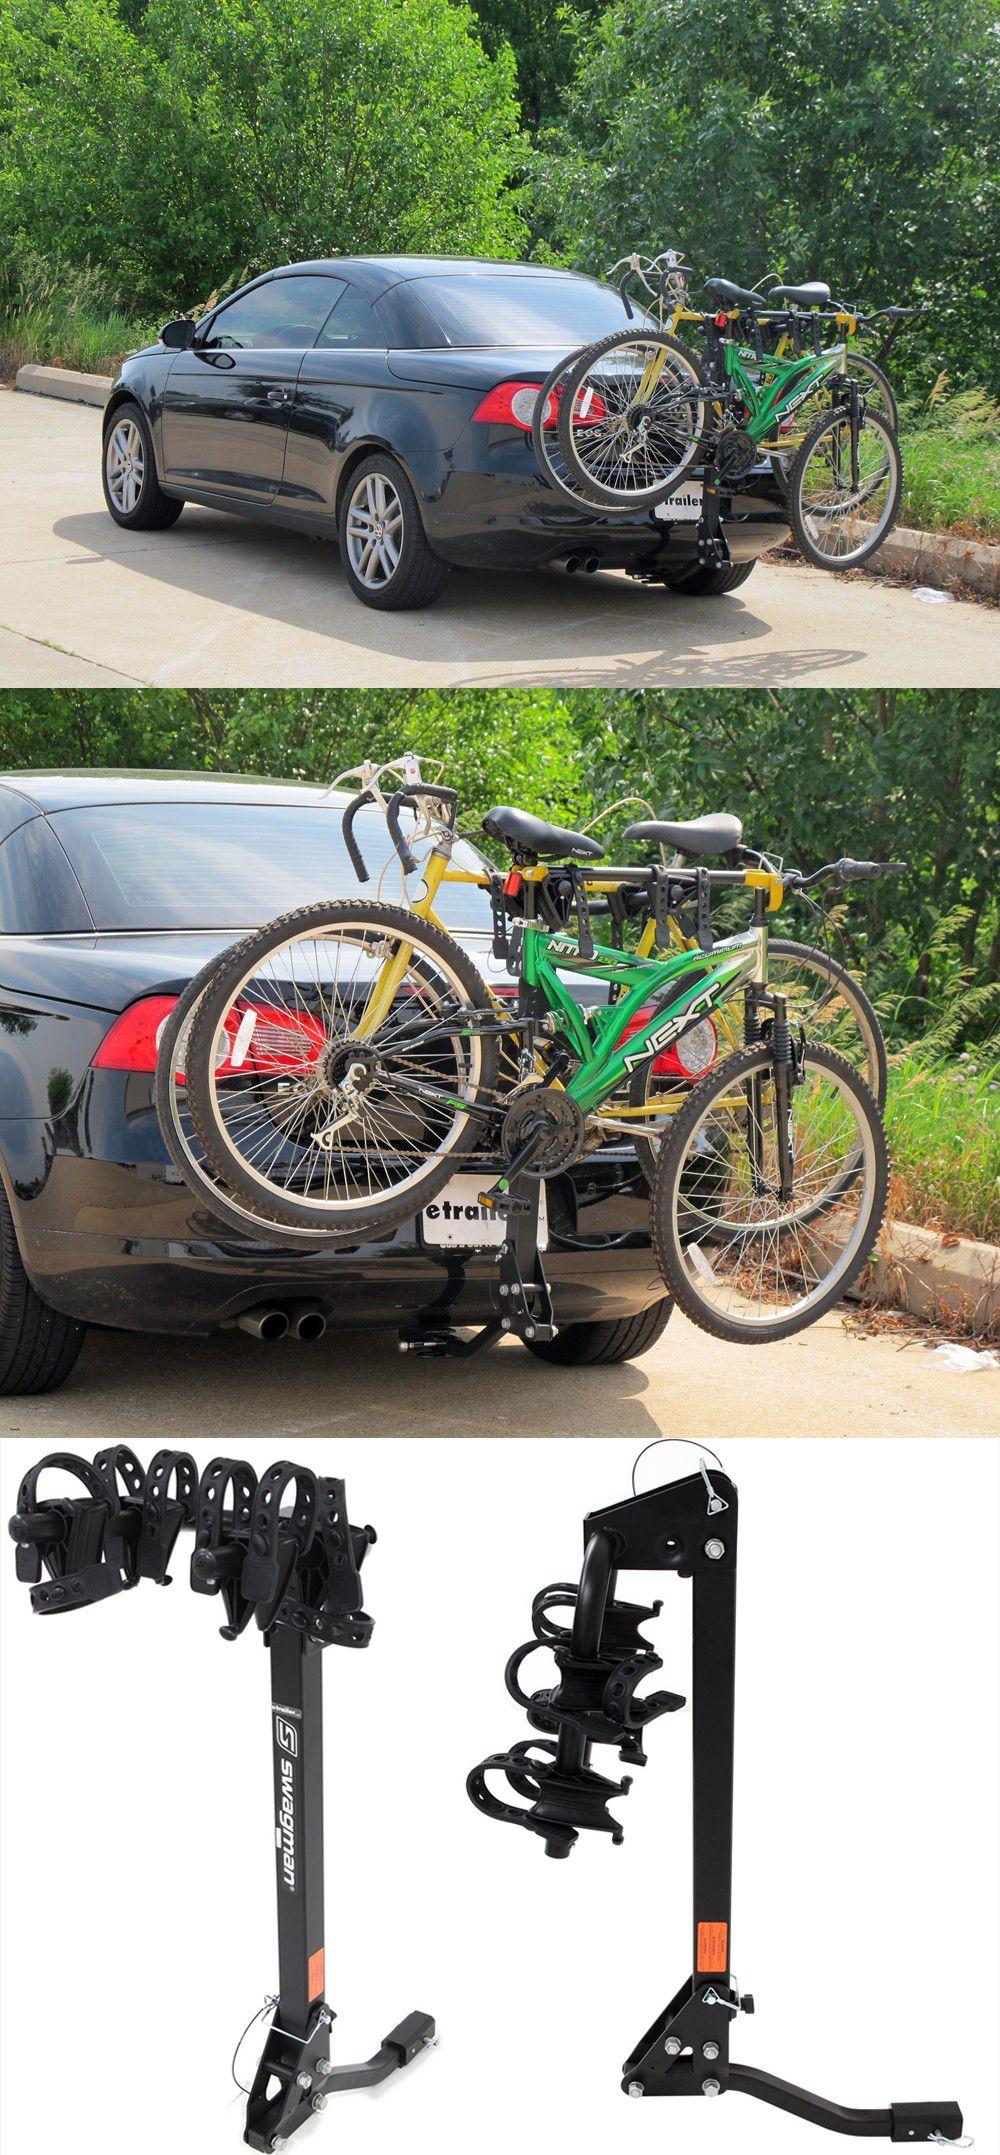 Swagman Trailhead 2 Bike Rack For 1 1 4 And 2 Hitches Tilting Swagman Hitch Bike Racks S63360 Hitch Bike Rack Bike Rack Bike